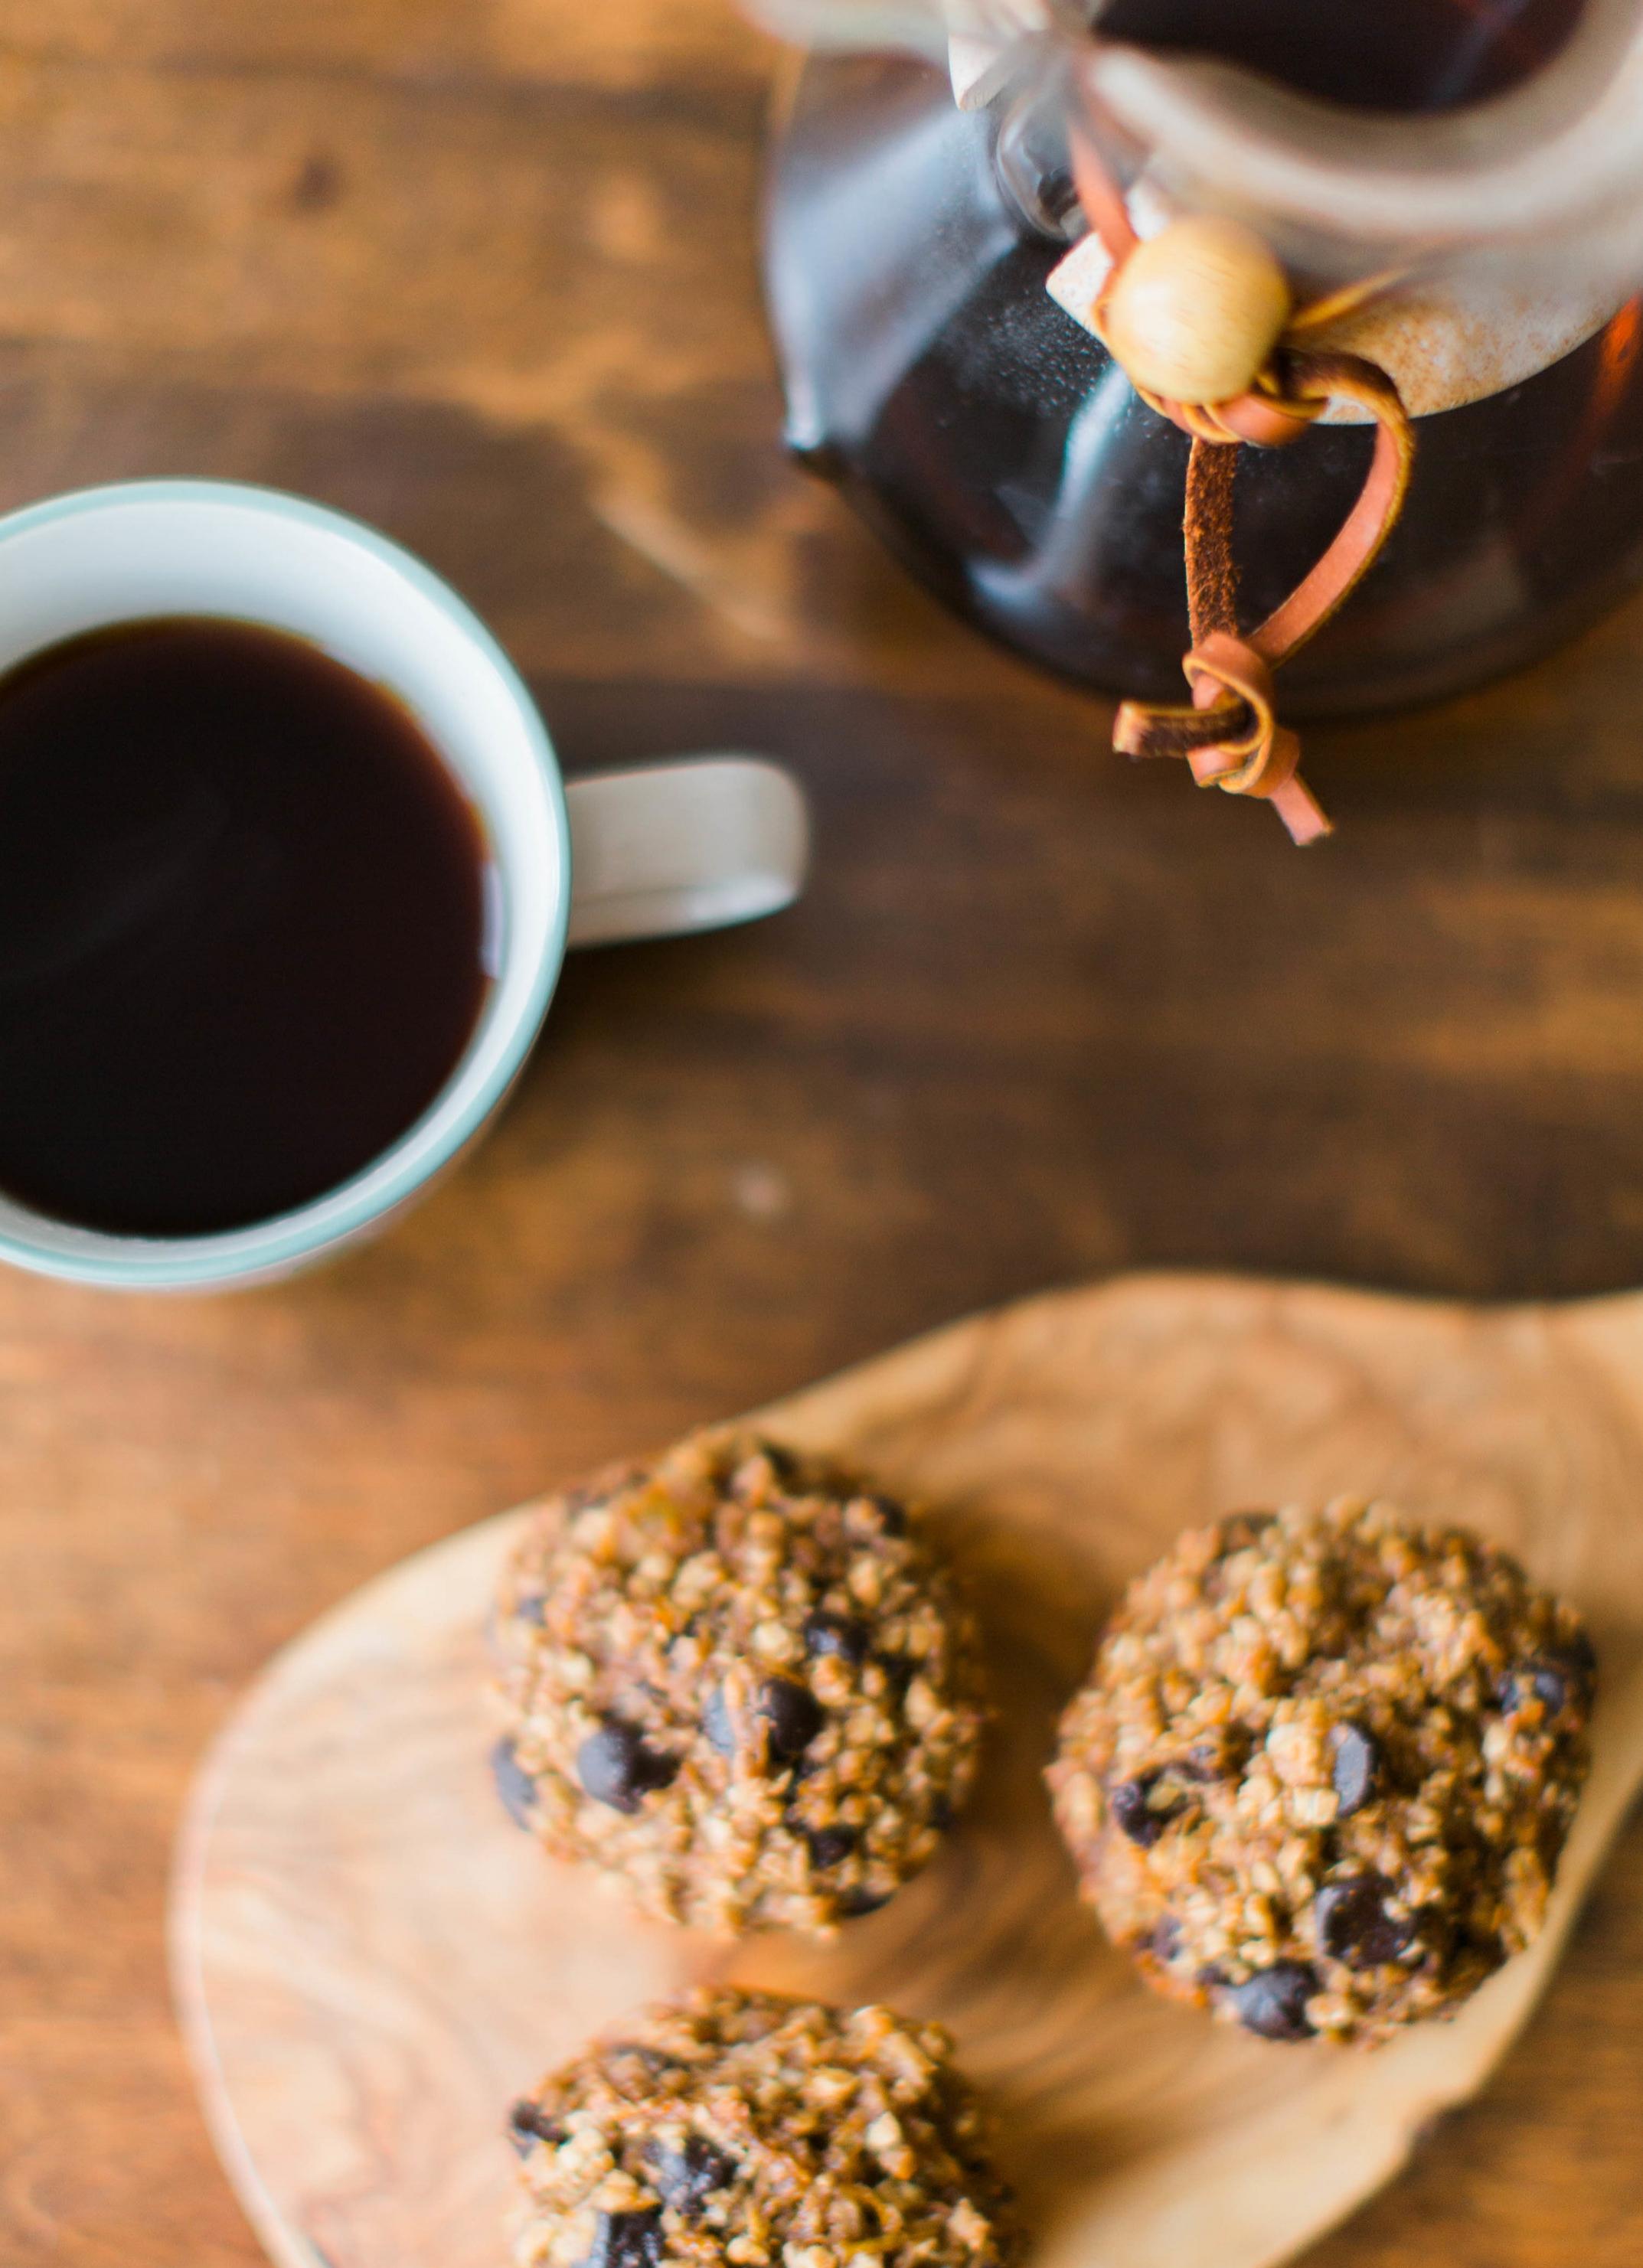 jennahazelphotoghy-pumpkin-chocolate-chip-oatmeal-muffins-8185.jpg